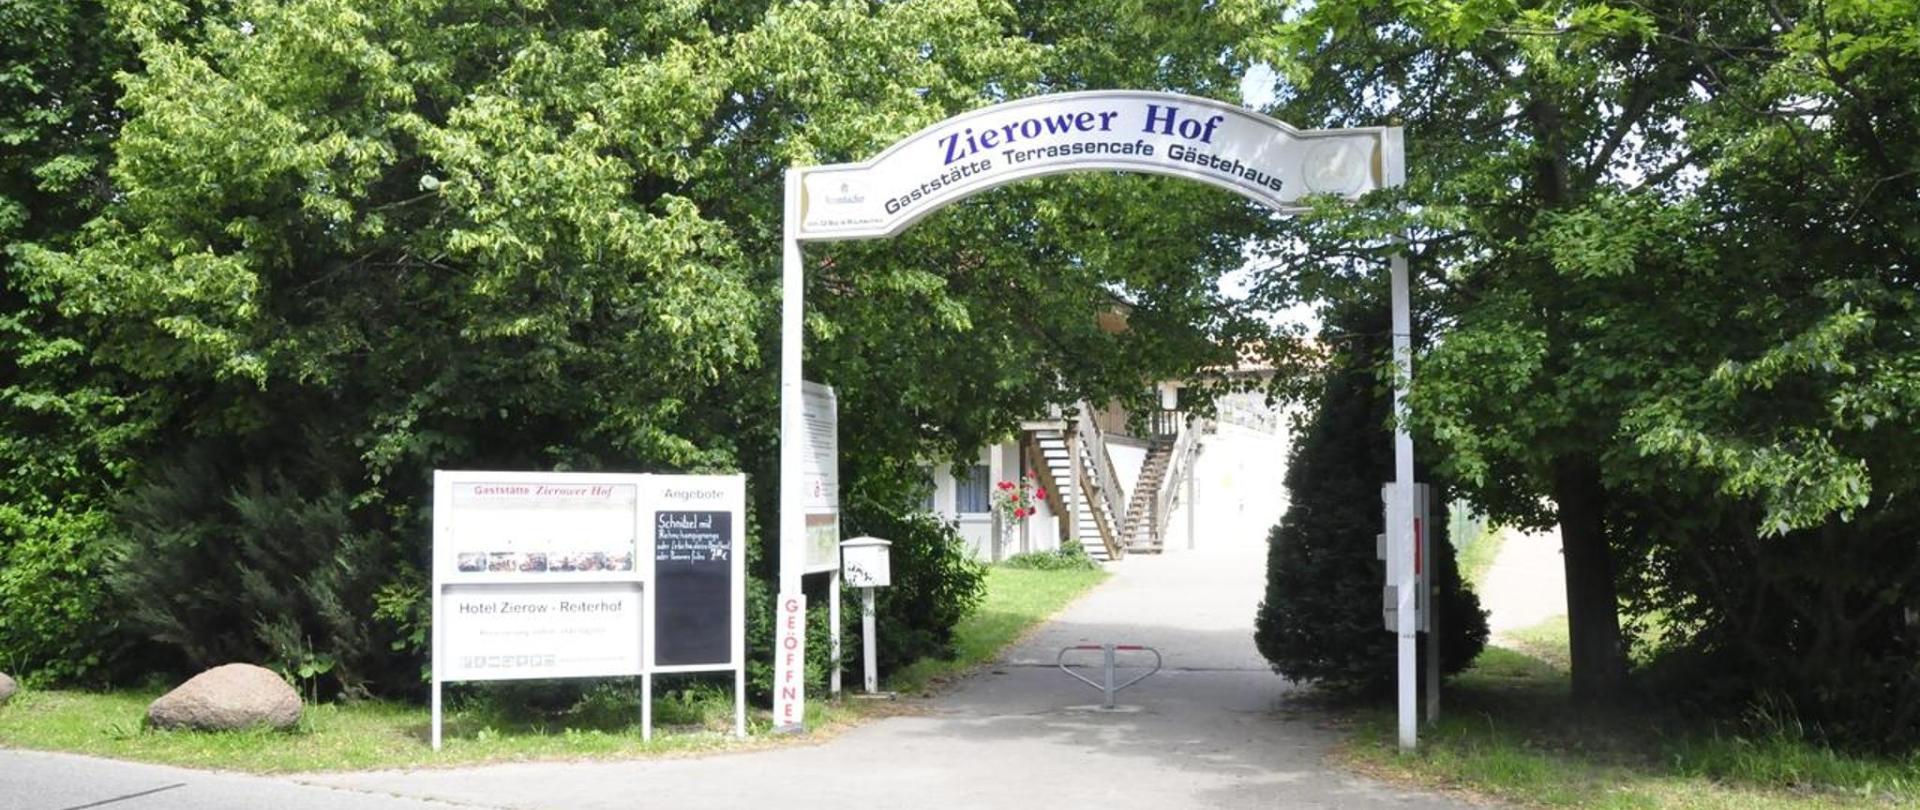 Eingang Zierower Hof.jpg